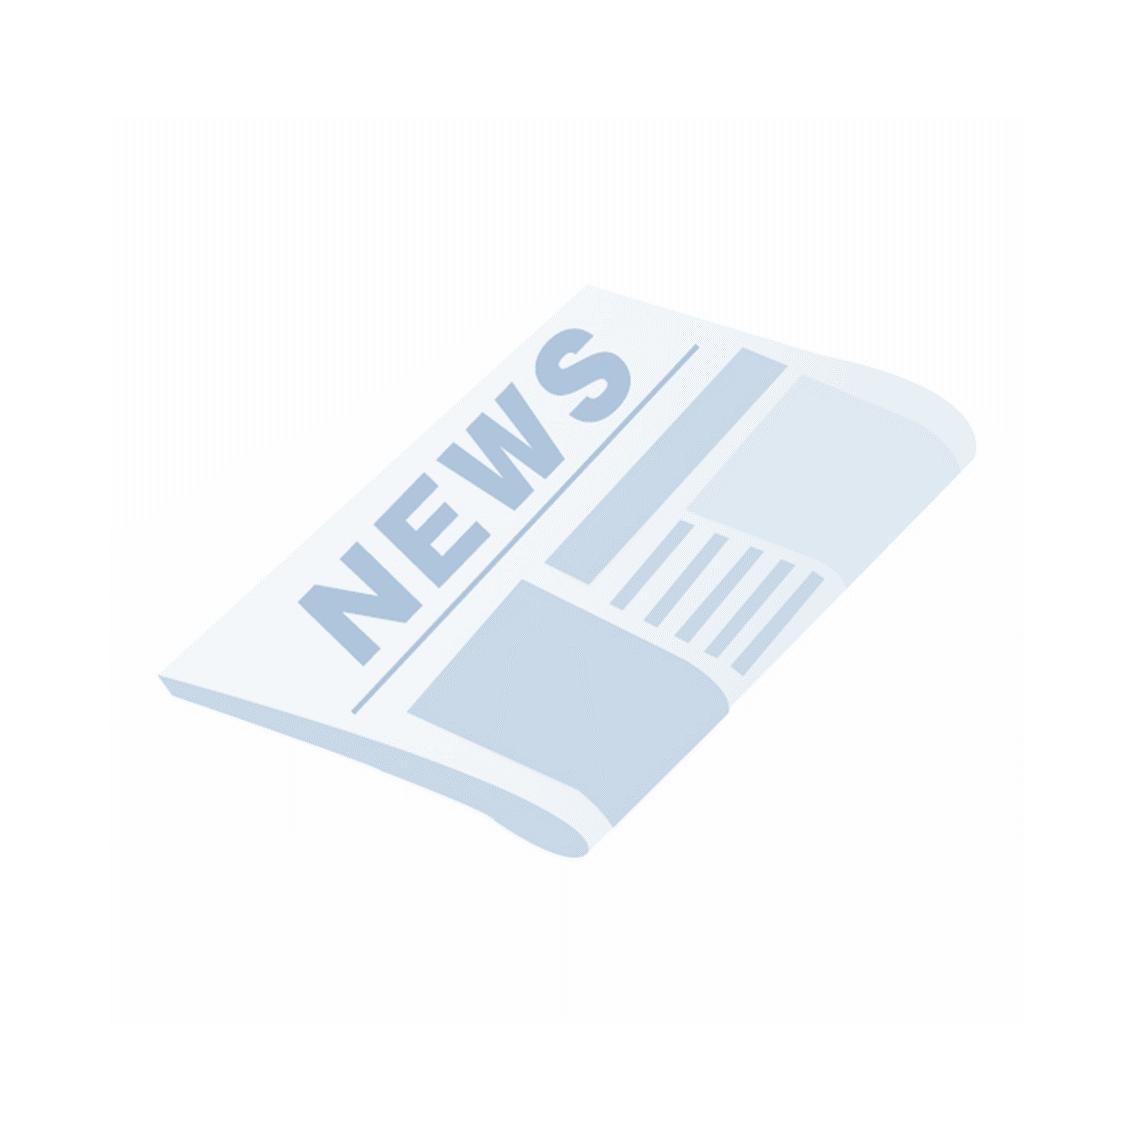 週間粧業オンライン 2020.06.12(FRI) / 日華化学、繊維加工用抗菌防臭剤に抗ウイルス効果を確認